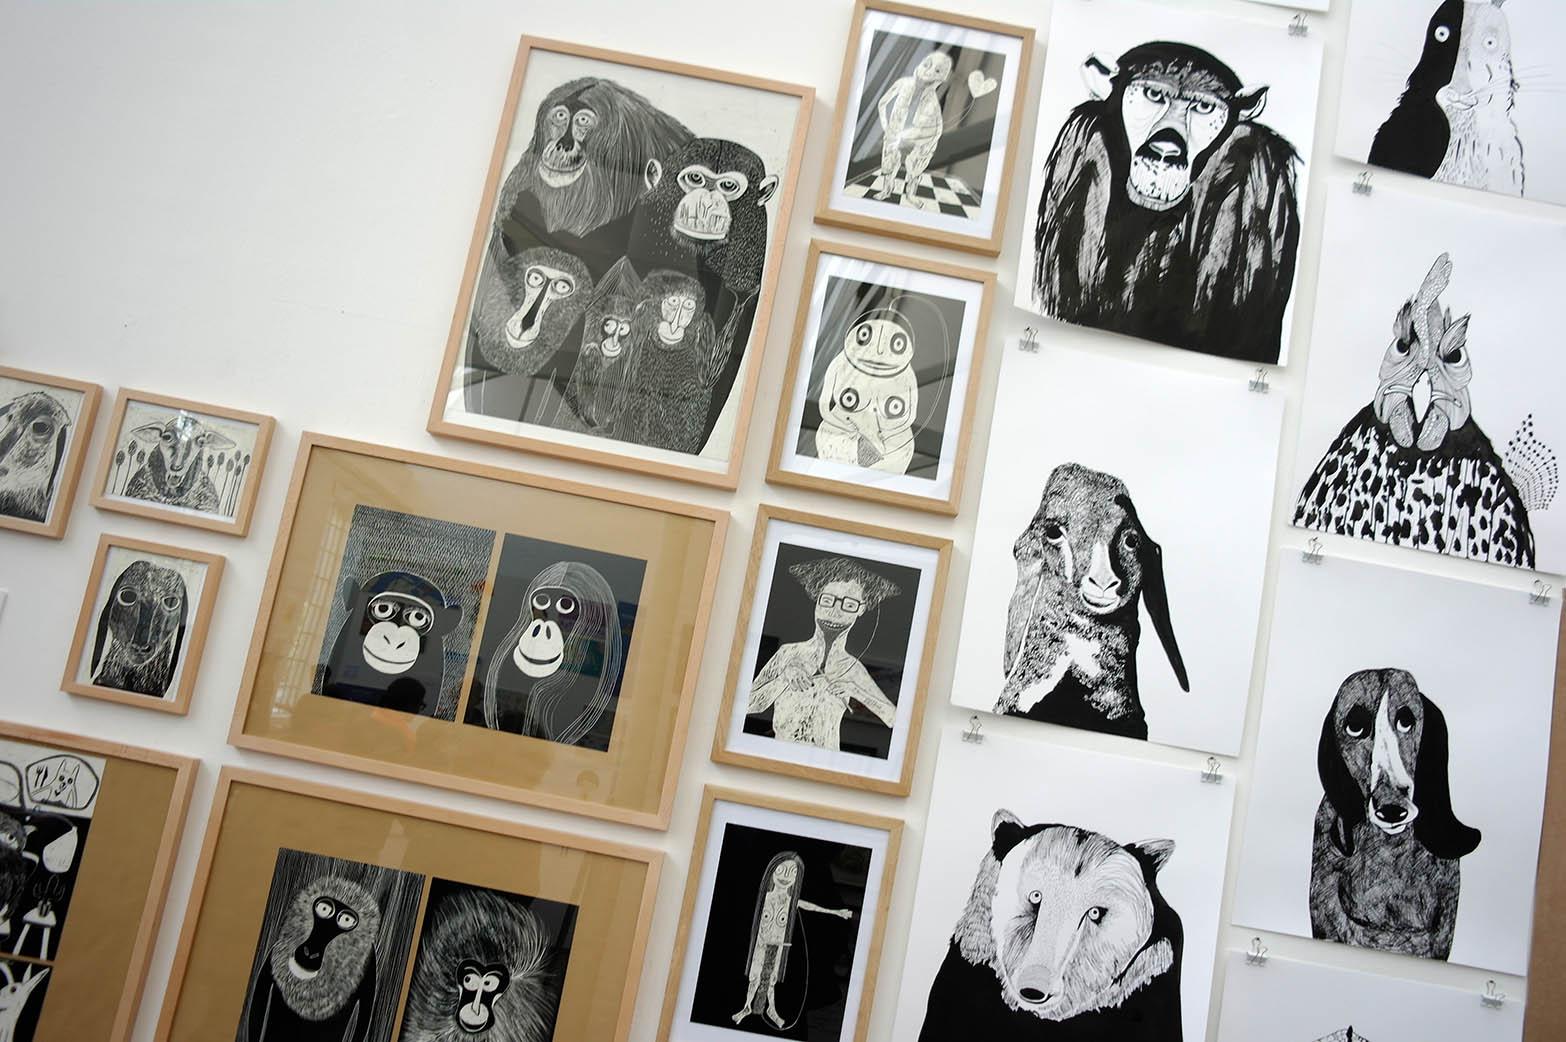 illu16-illustratoren-festival-köln-affe-bär-hans-christian-sanladerer